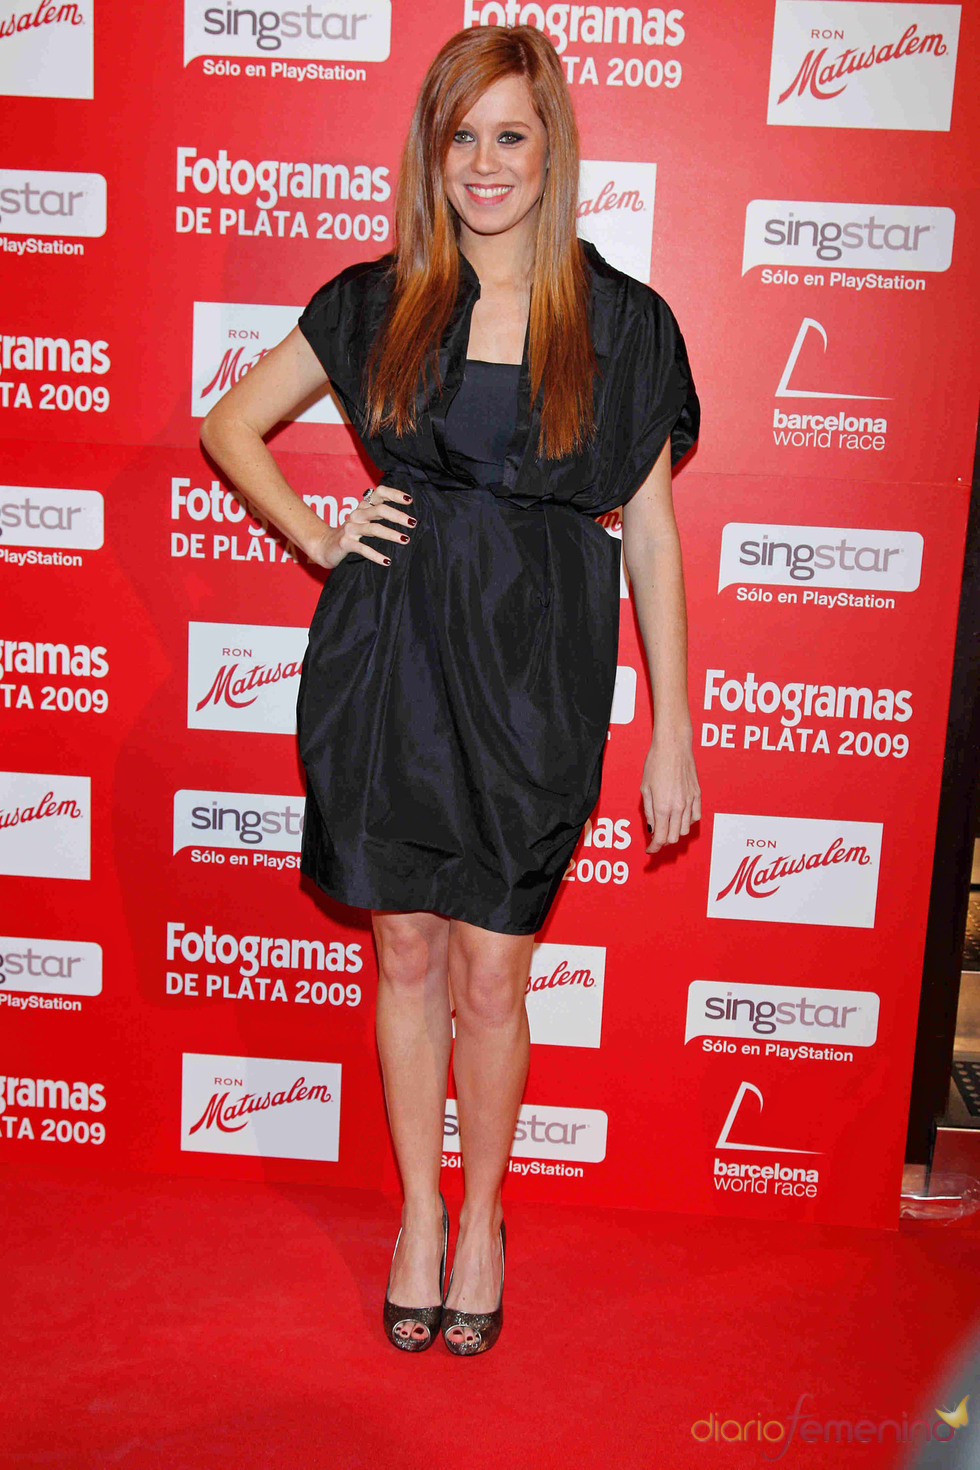 Fotogramas de Plata 2009: María Castro